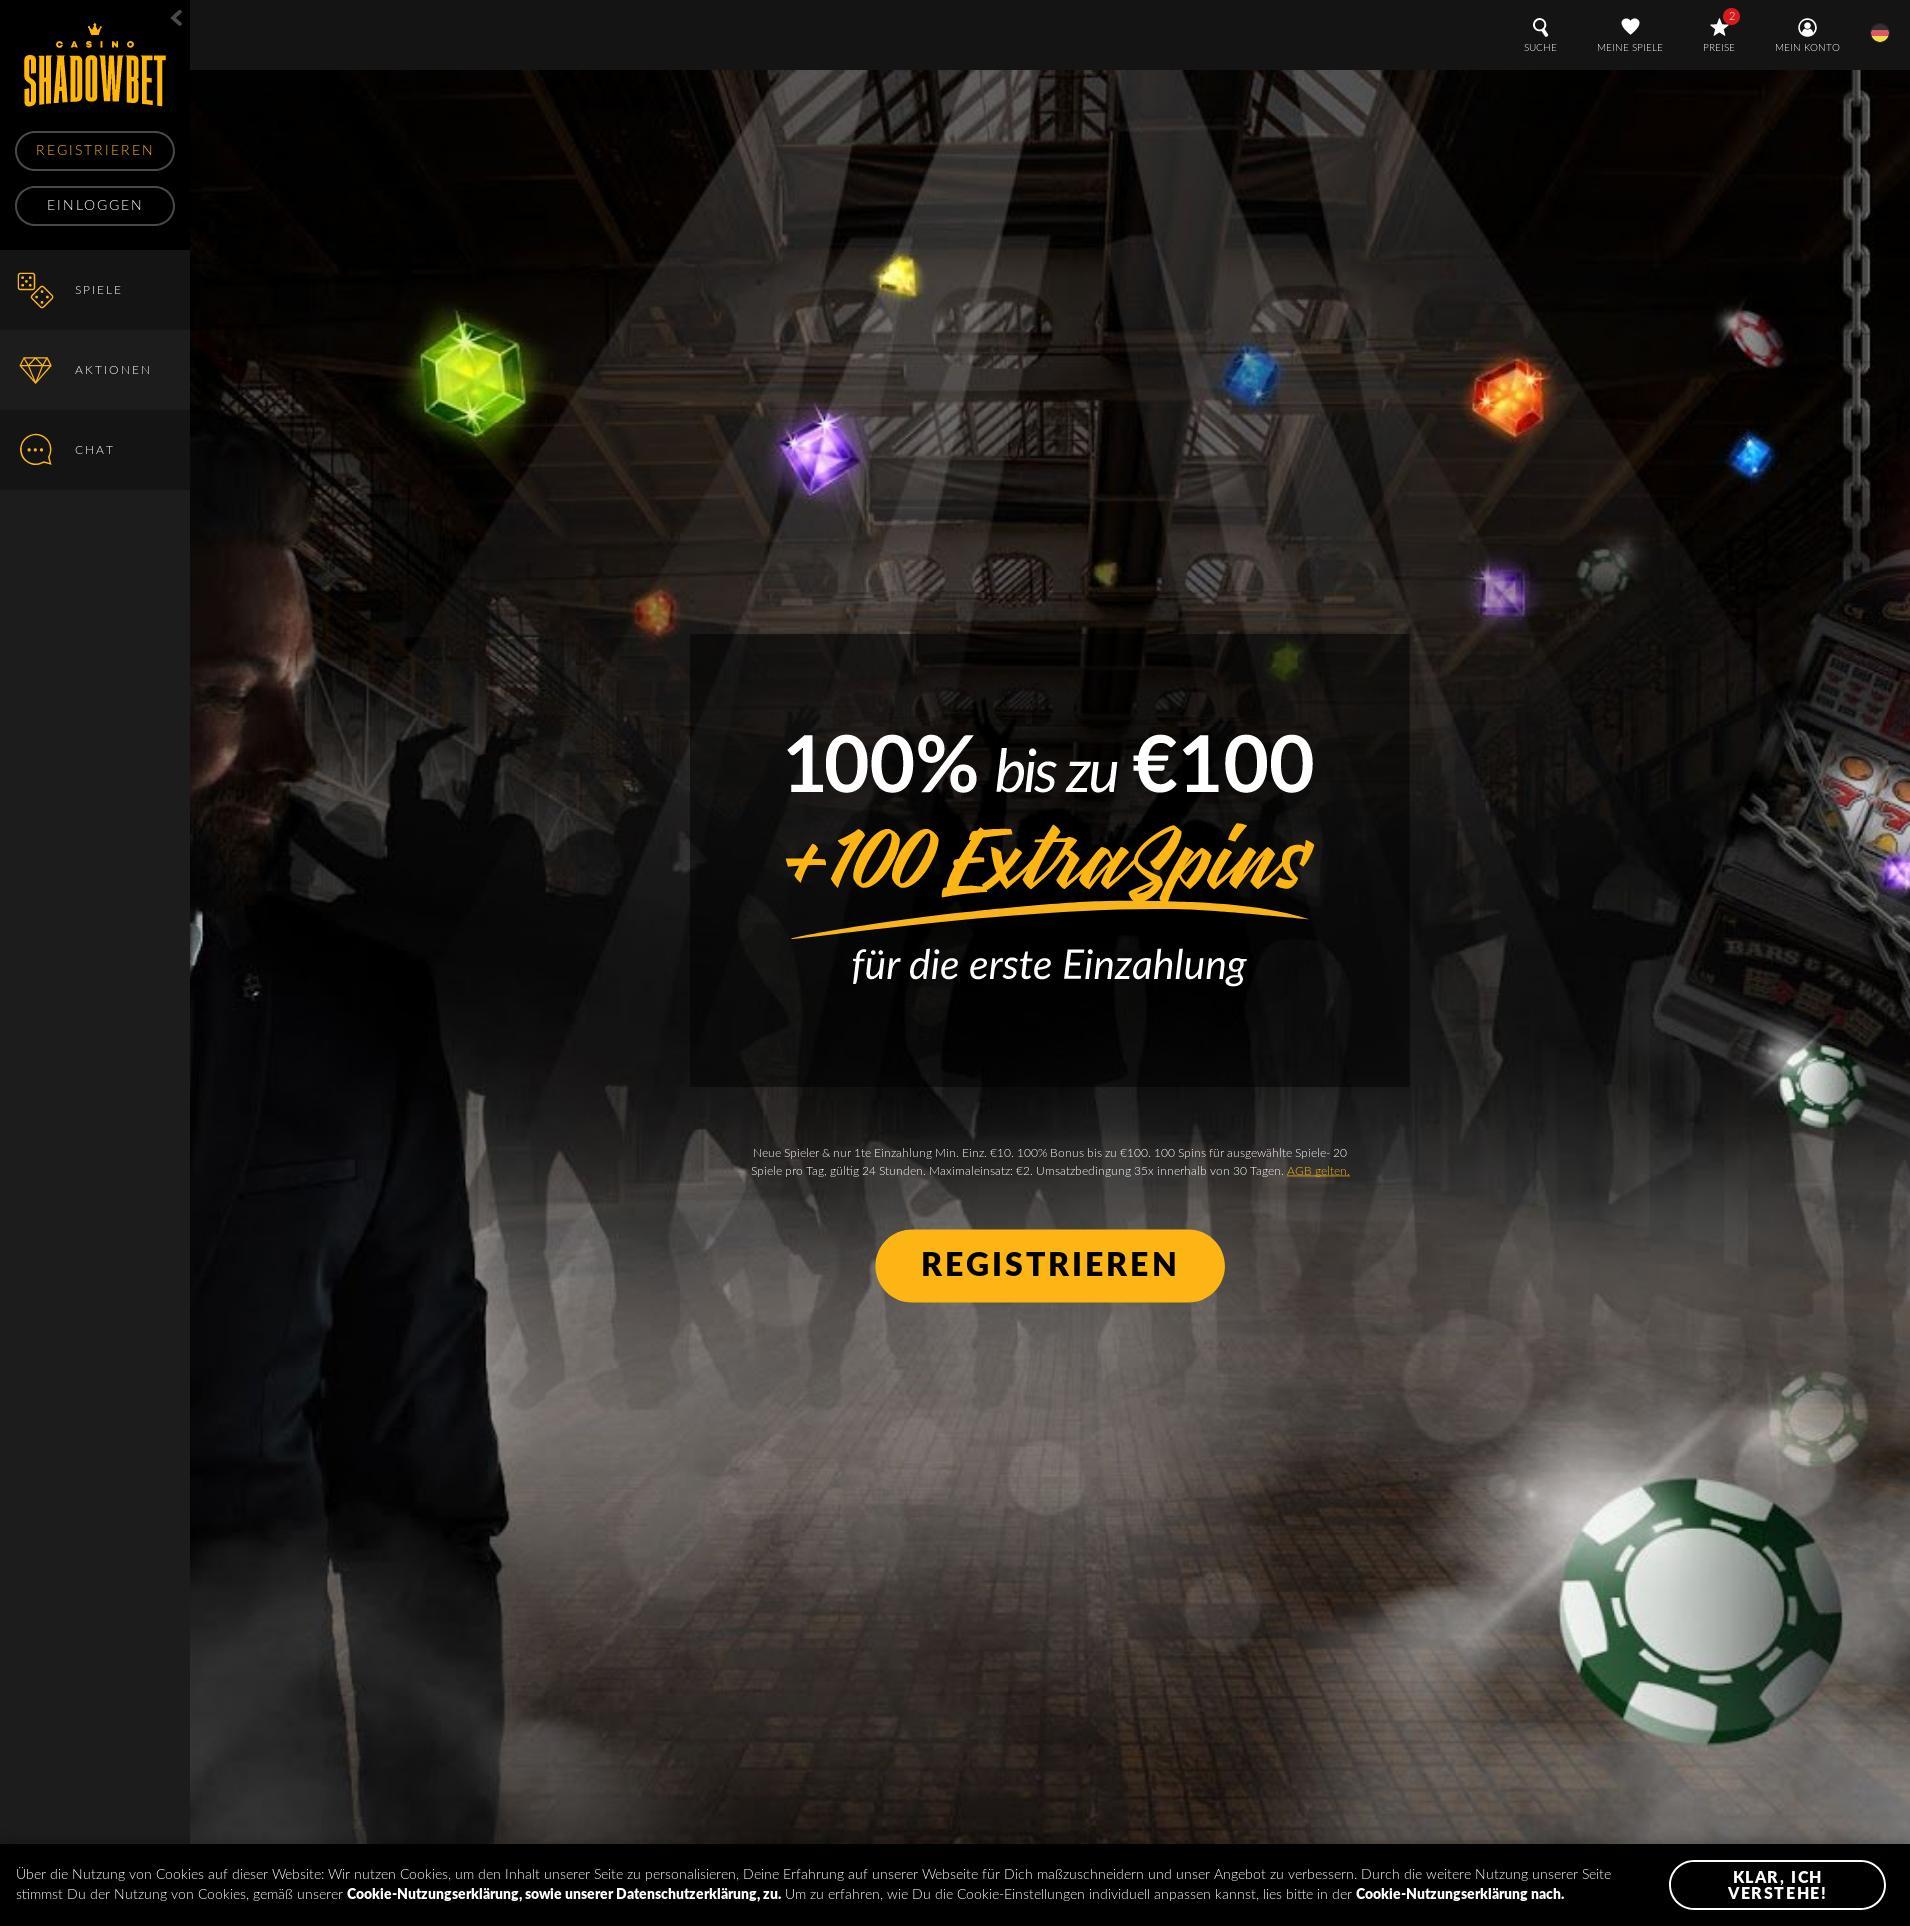 Casino Bildschirm Lobby 2019-10-22 zum Deutschland